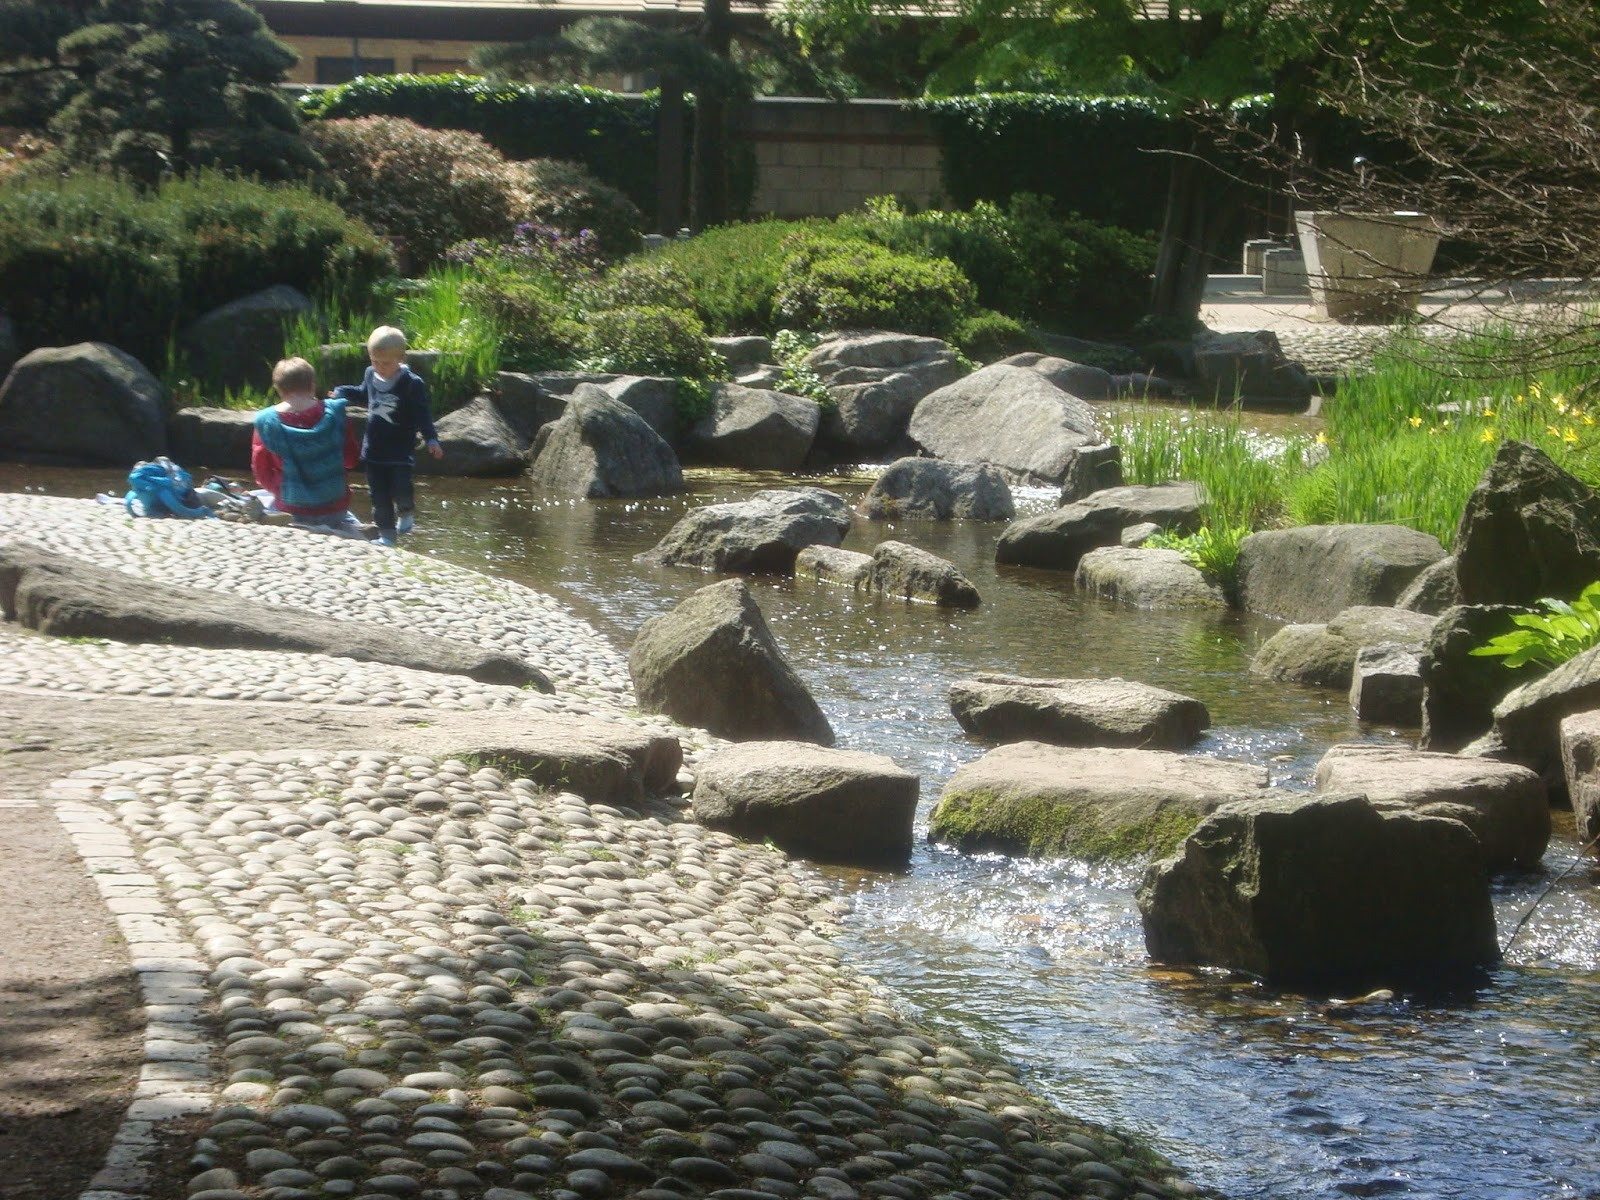 Ρυακια απο διαφορα υλικα διασχιζουν τον Ιαπονικό κήπο